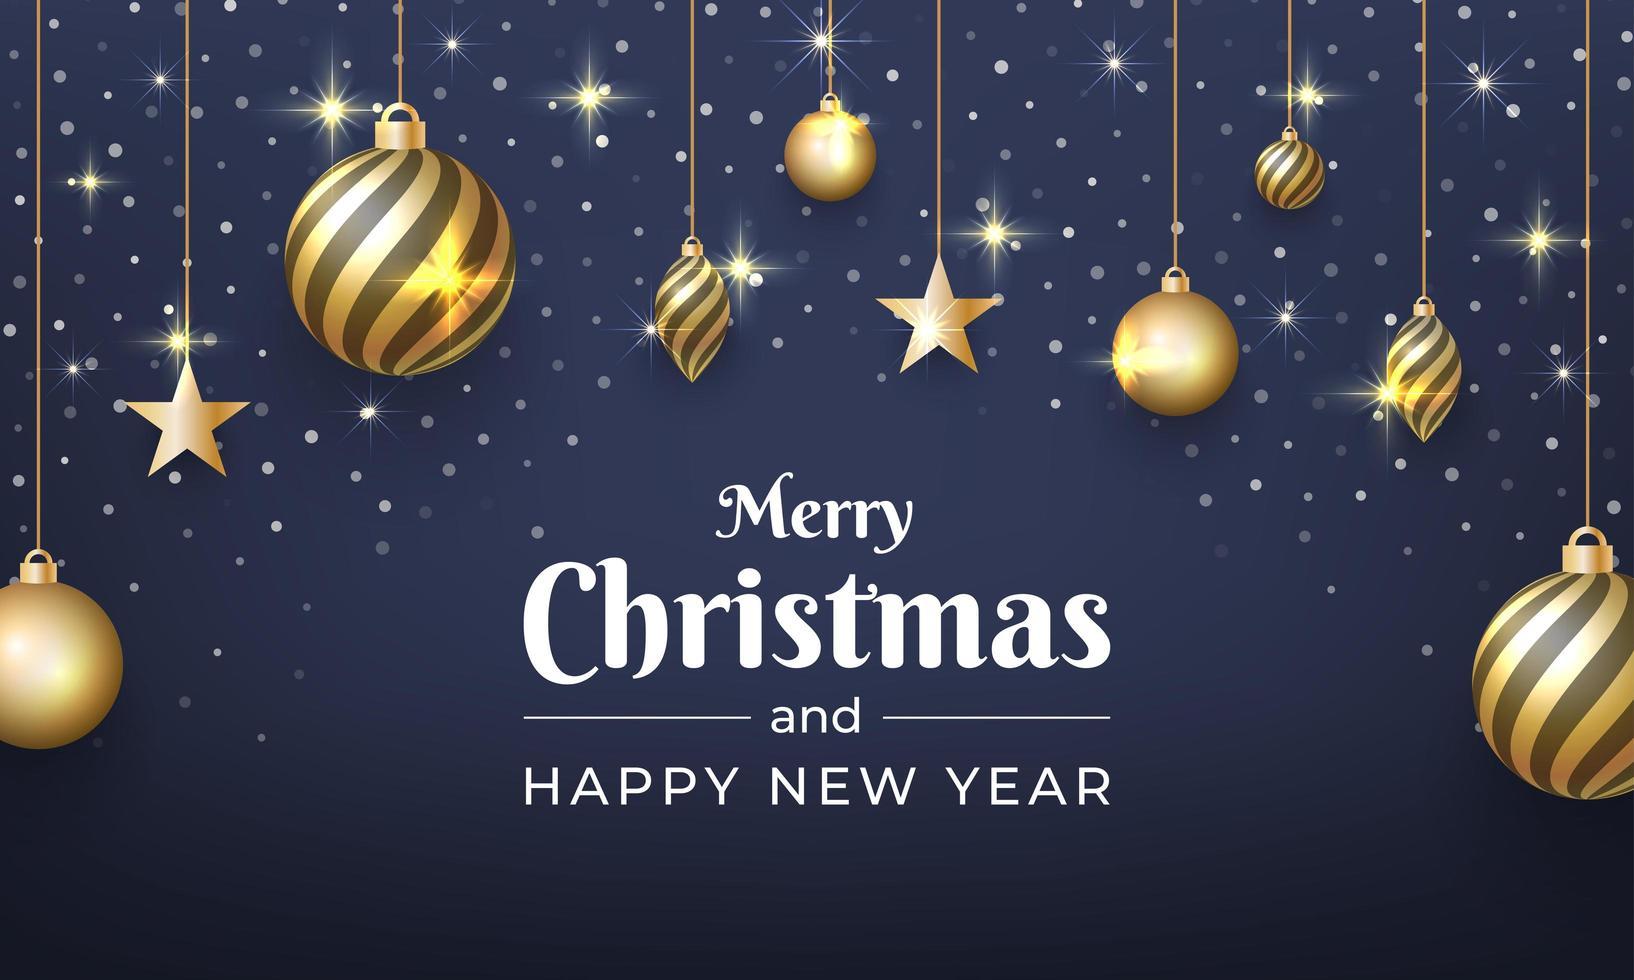 feliz natal com enfeites de ouro cintilantes vetor